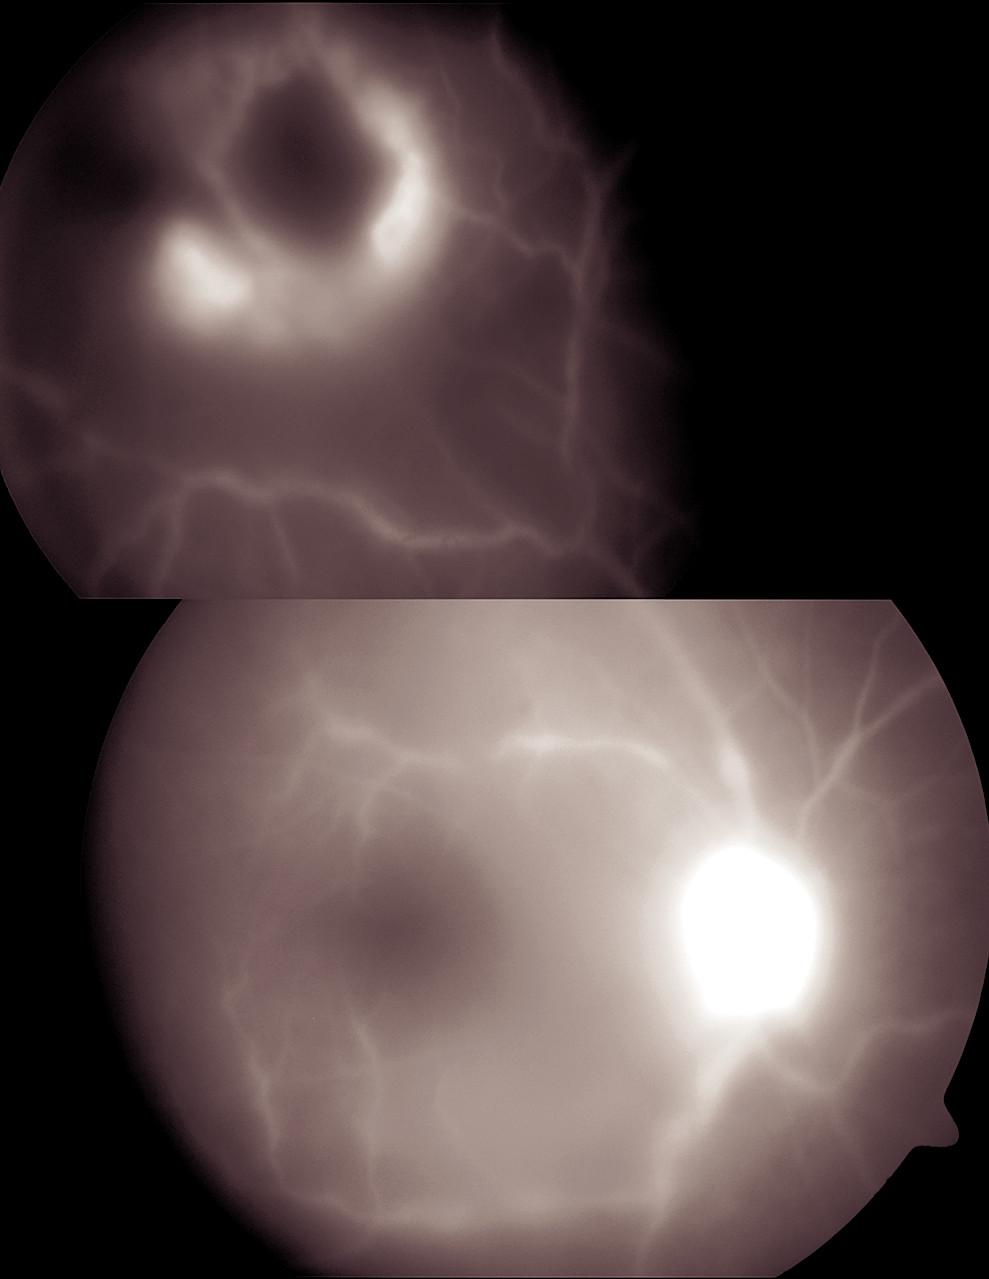 Obr. 11. Periferní fibroproliferace u srpkovité anémie imitující periferní granulom u 24letého pacienta afroamerického původu.  b) Fluorescenční angiografie prokázala blokádu fluorescence většiny jinak aktivního ložiska horního temporální kvadrantu s nonperfúzí okolí tohoto ložiska. Patrná je i hyperfluorescence terče zrakového nervu